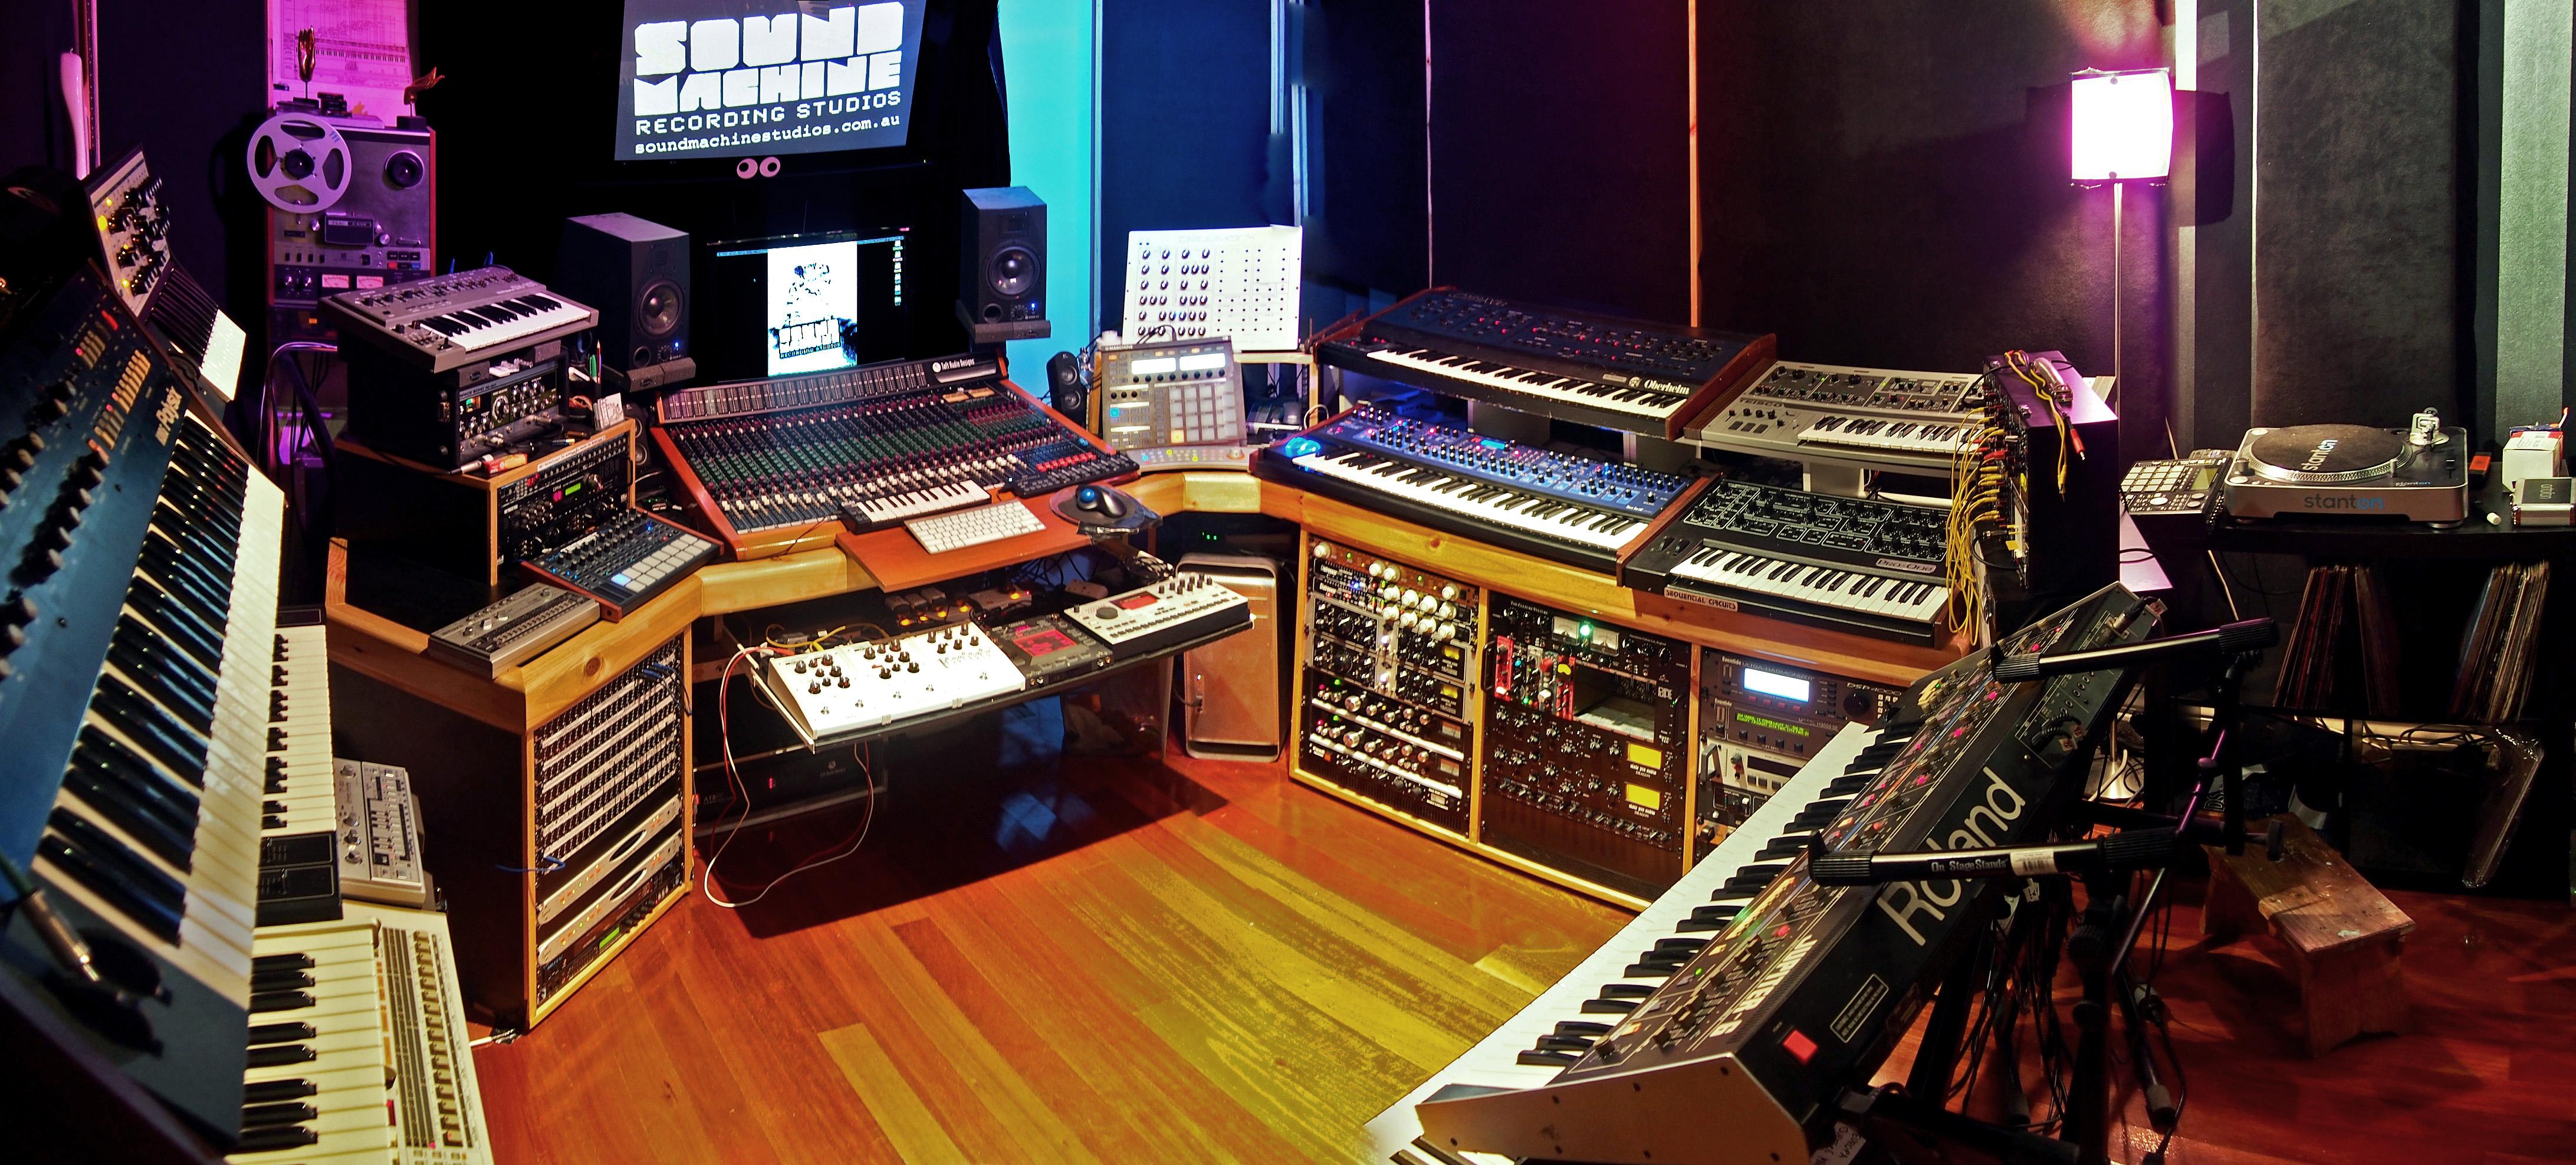 Sound Machine Berlin